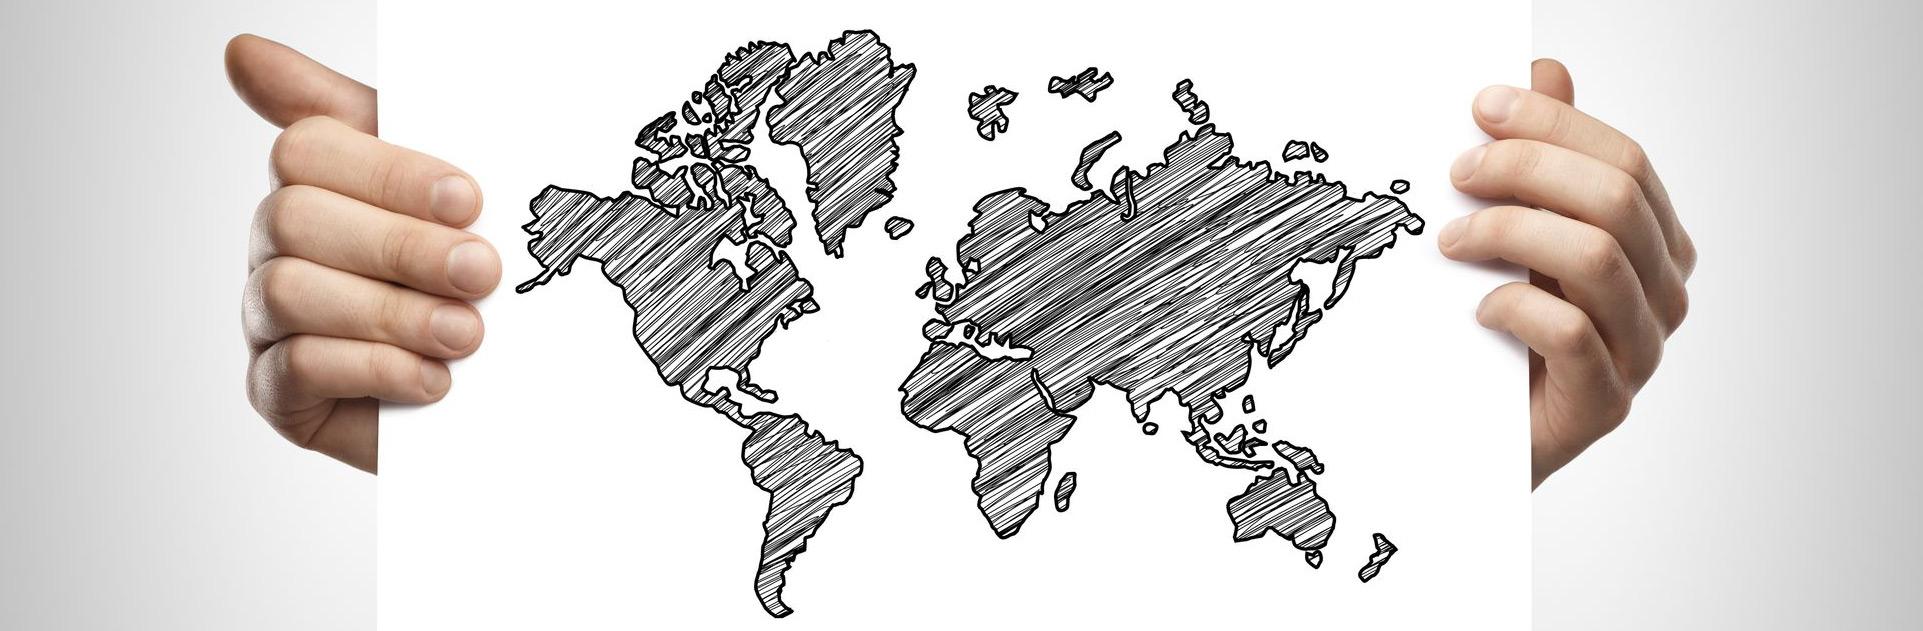 Top image la carte du monde